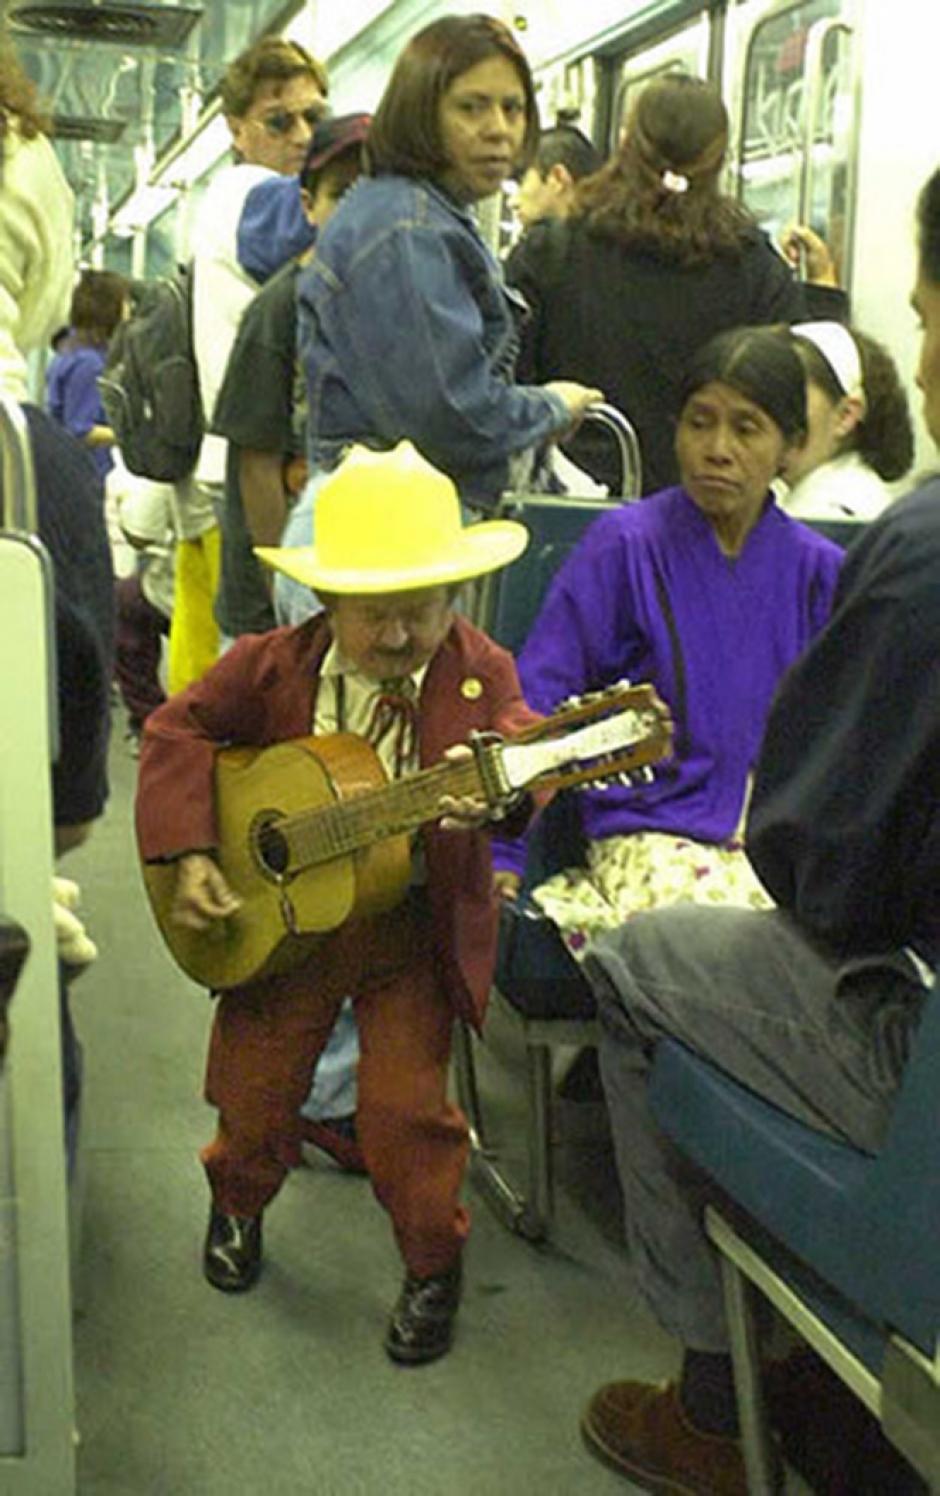 El comediante subsistía cantando en los vagones del metro. (Foto: Excelsior)